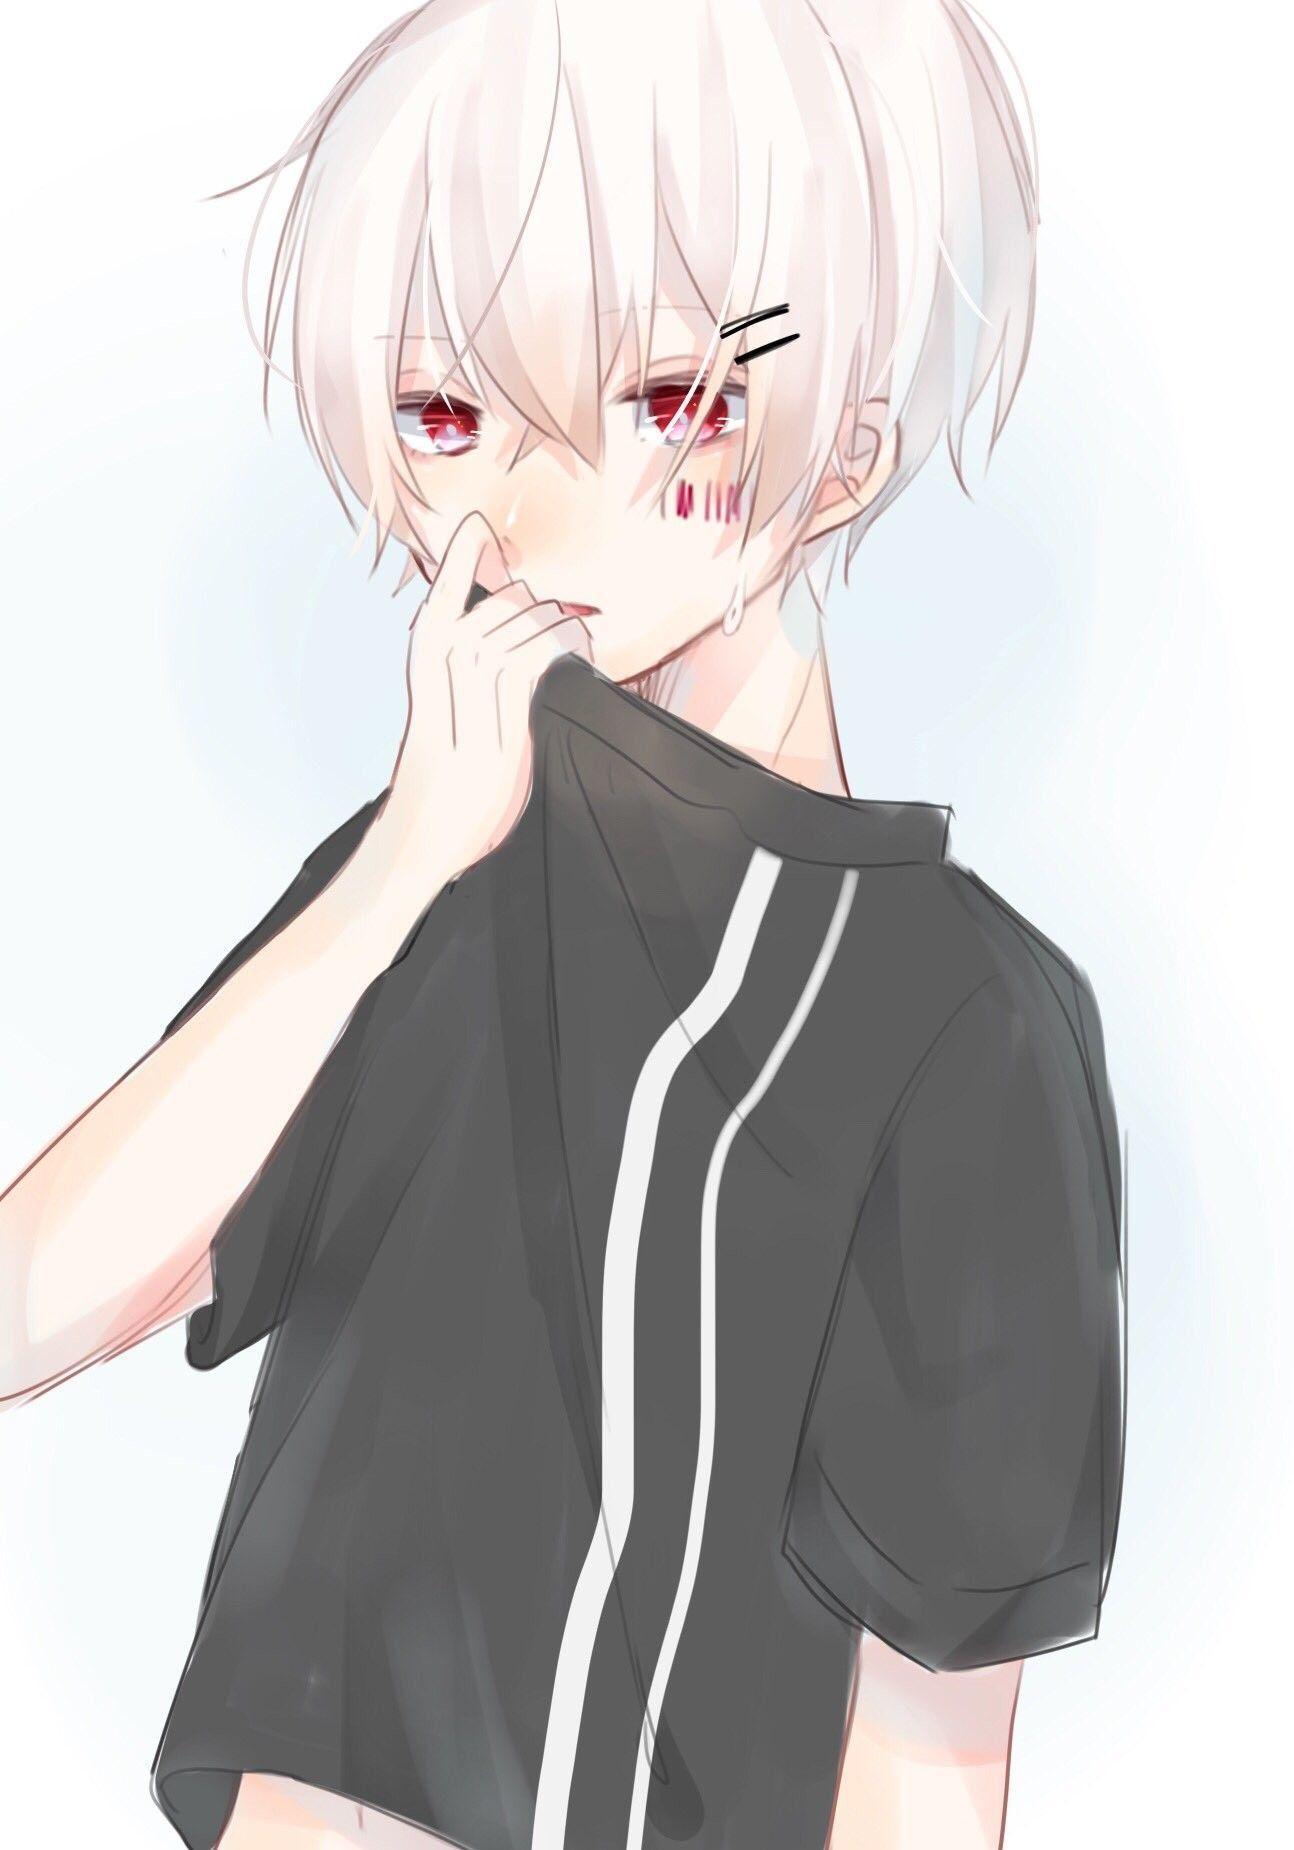 Điện thoại 1294x1850 Hình nền Anime Boy Dễ thương